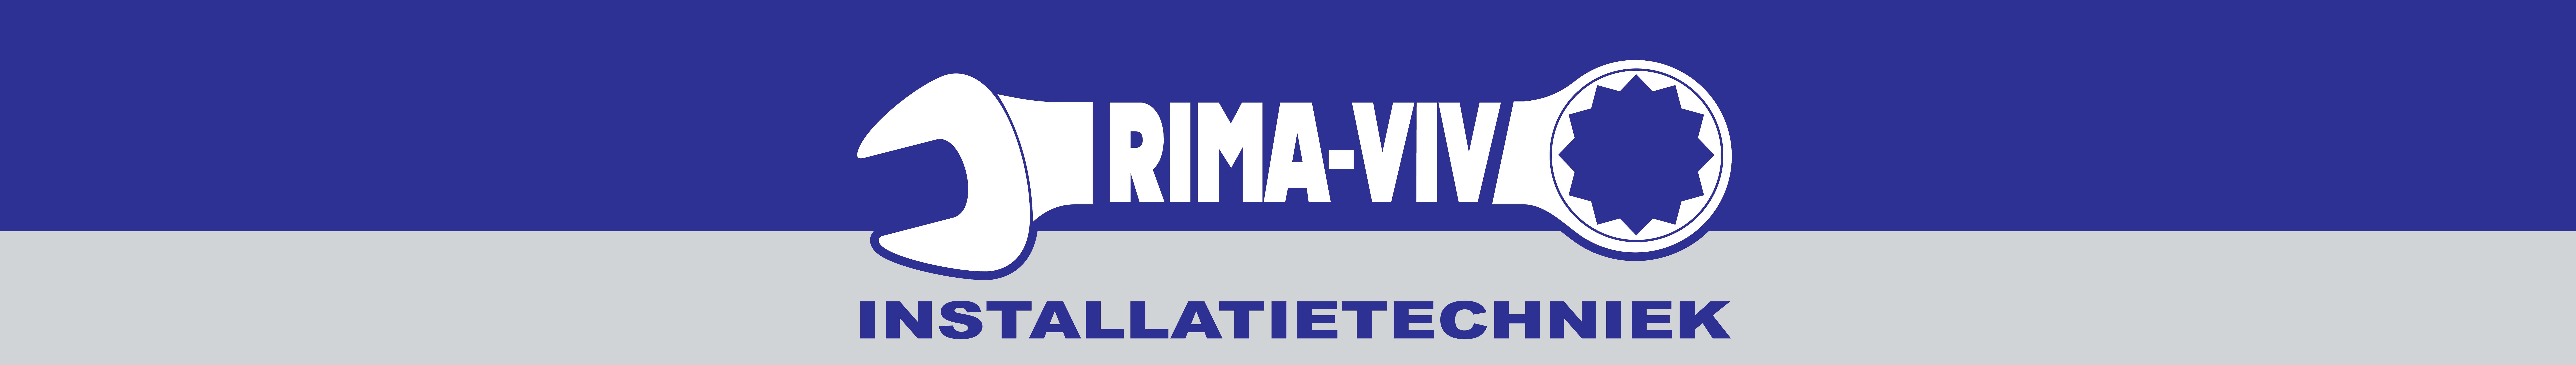 RIMA-VIV